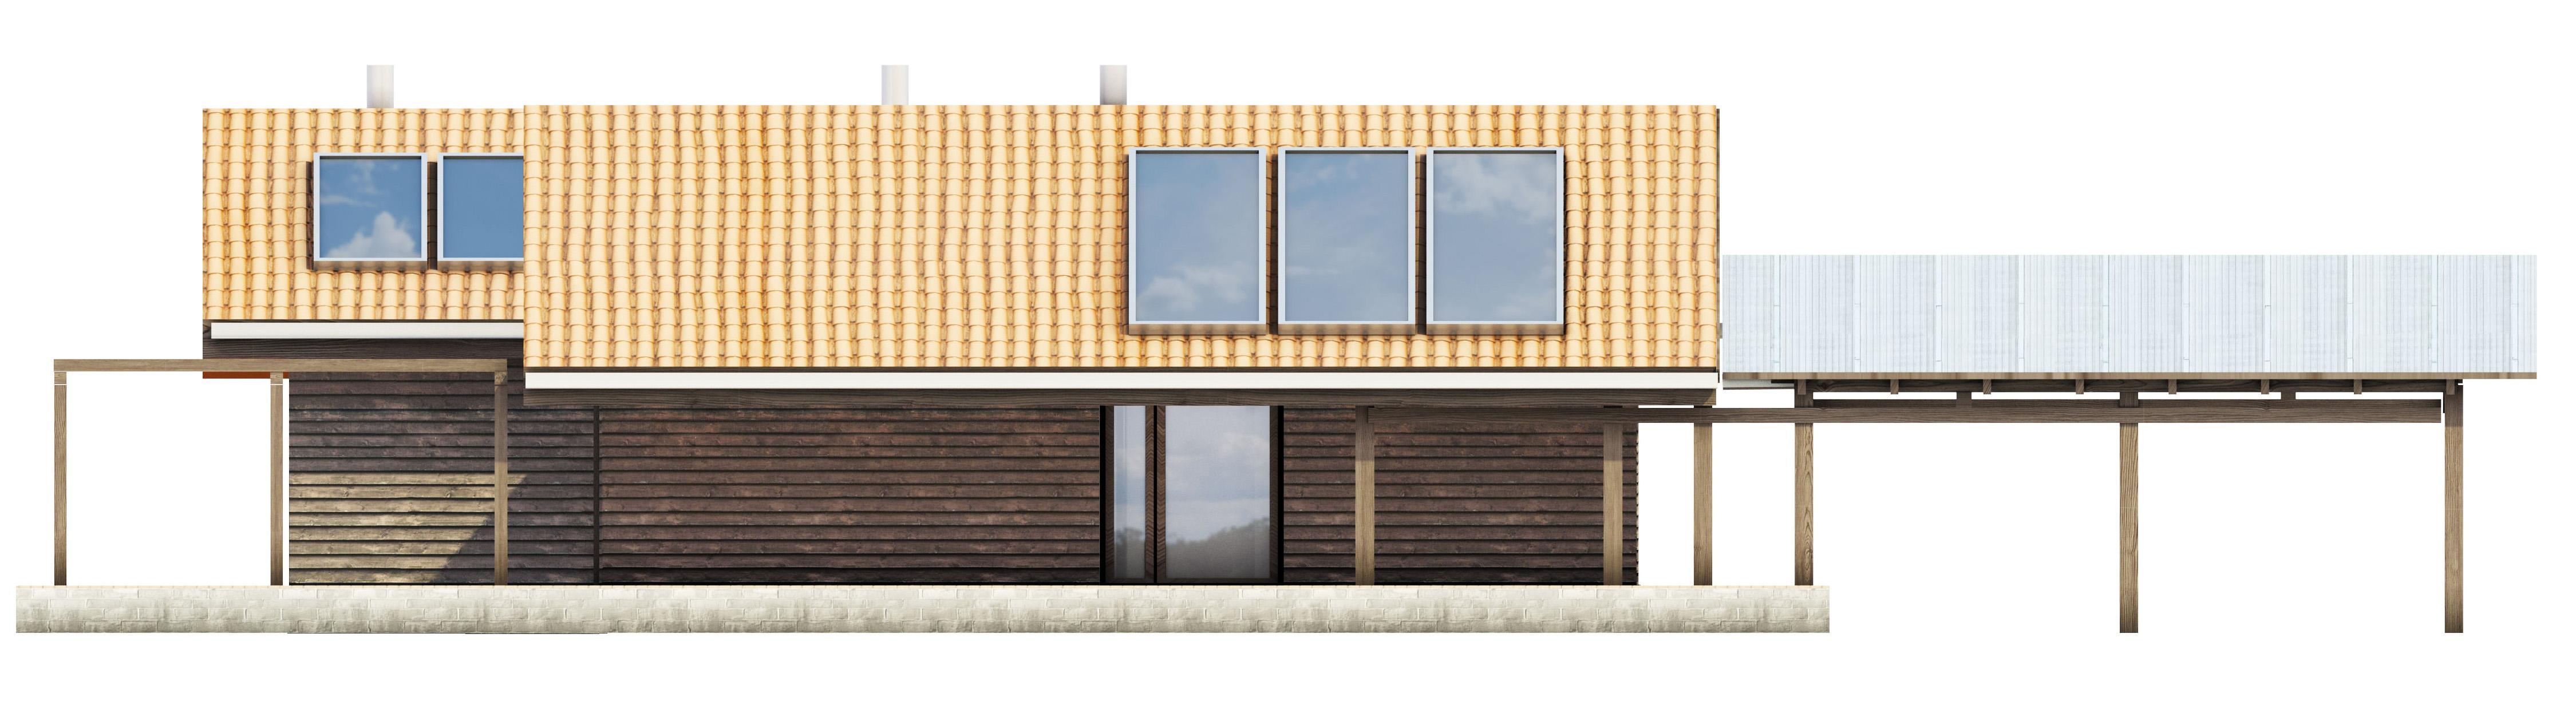 Projekt domu TARASOWY Domy Czystej Energii elewacja boczna